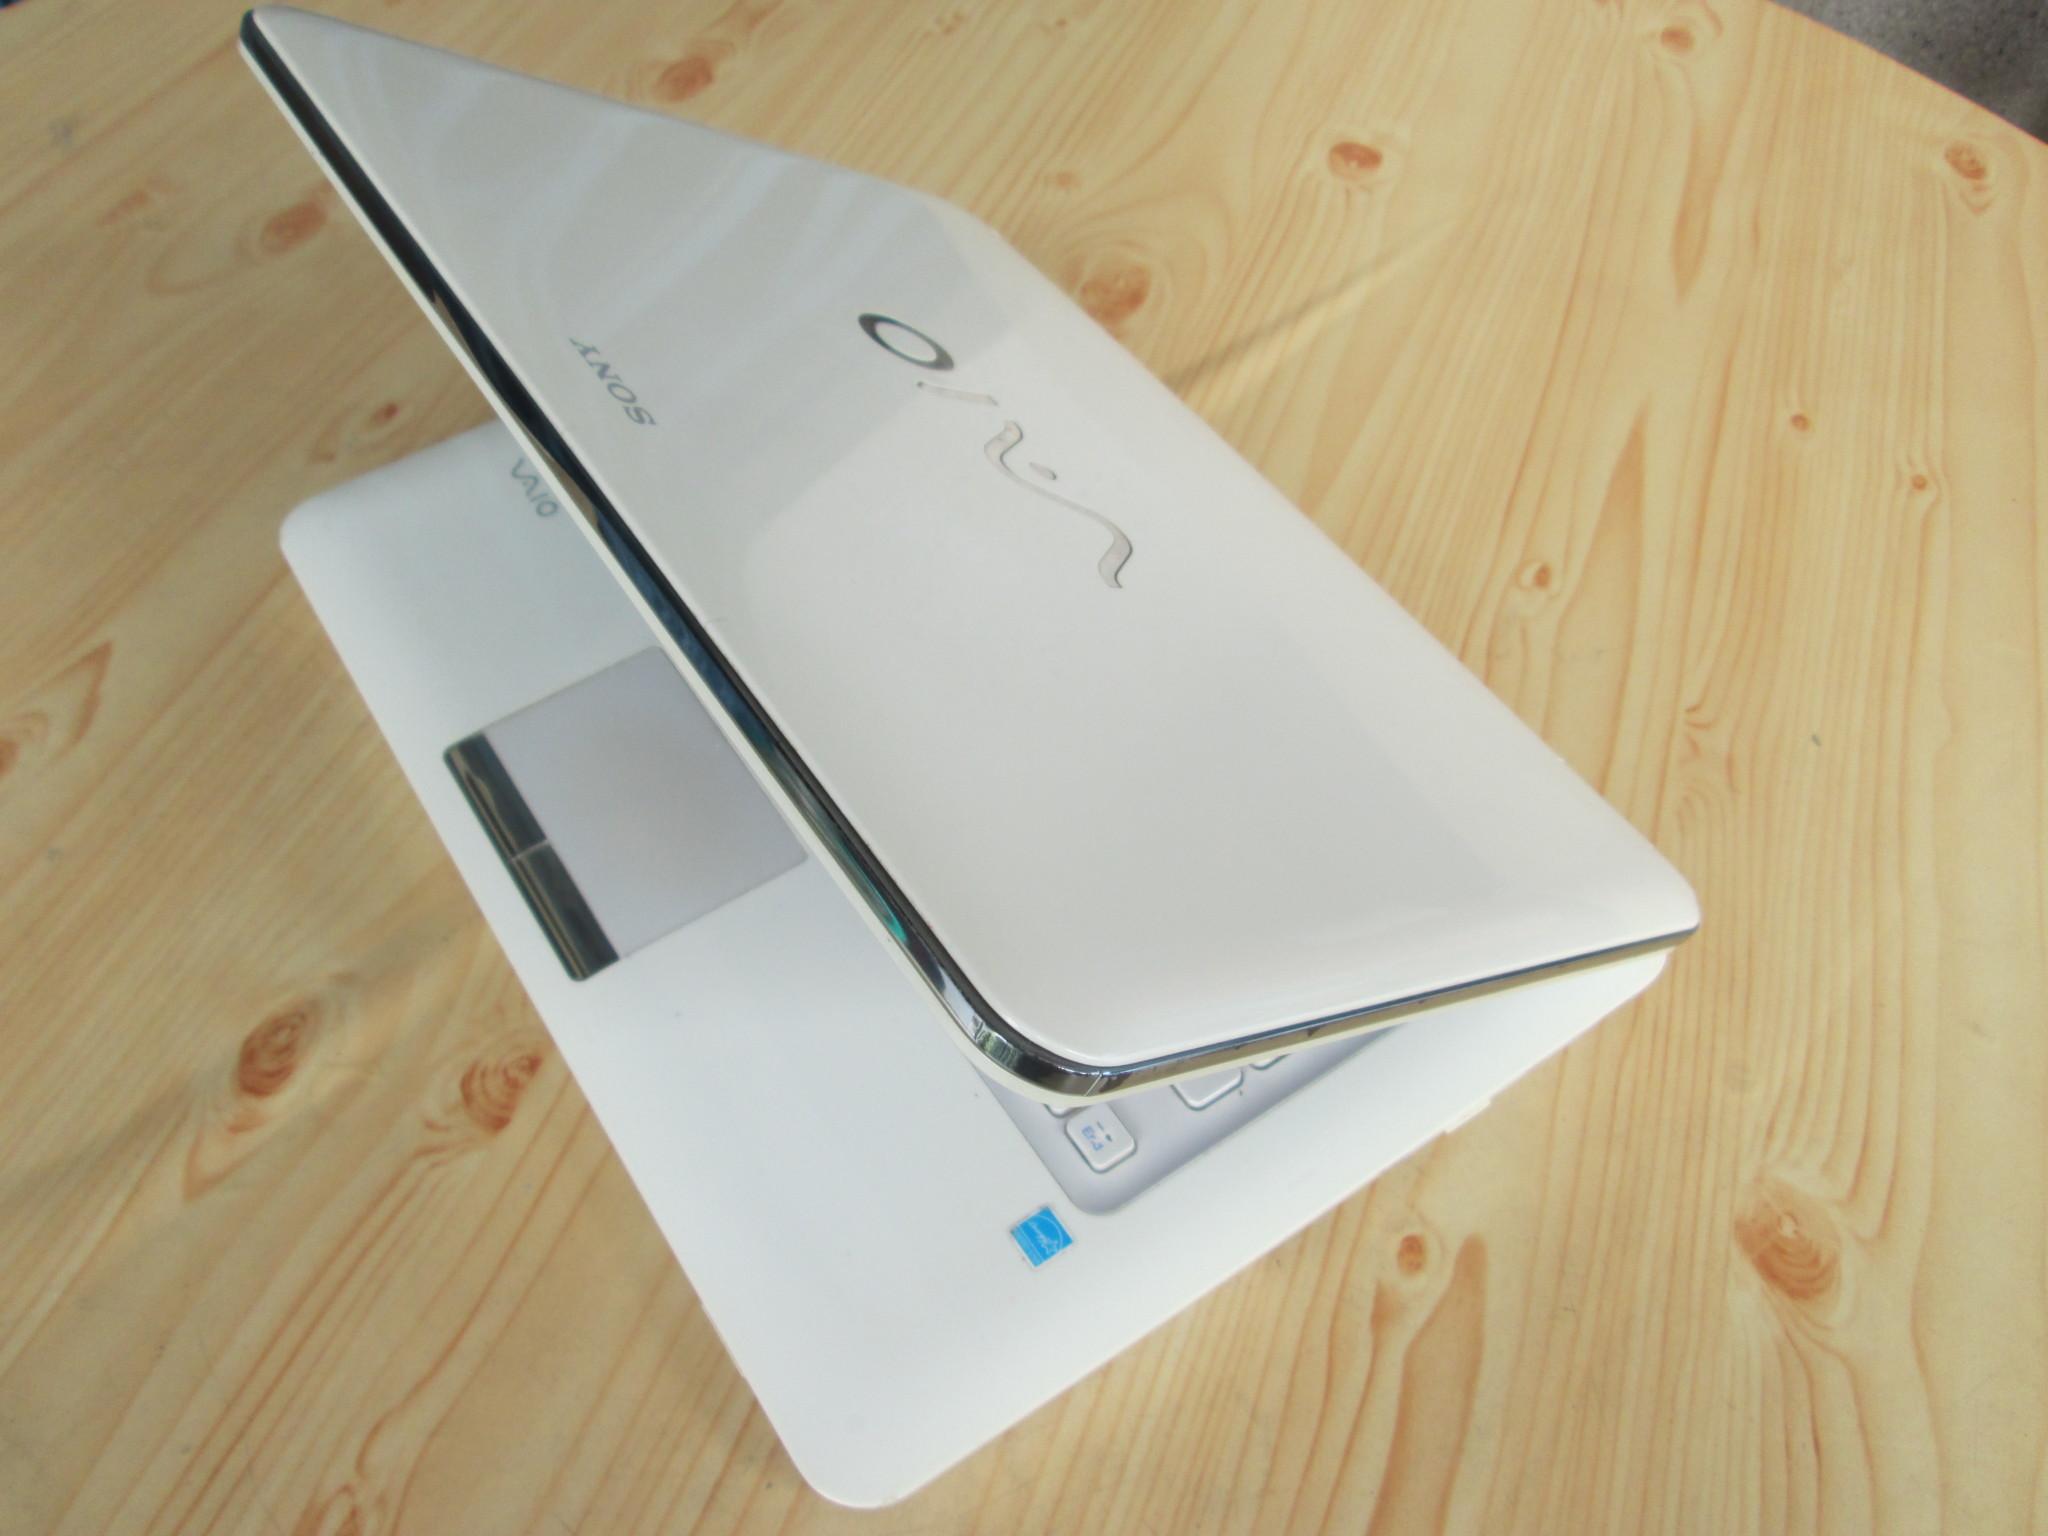 Bán laptop cũ sony vgn cs36gj giá rẻ tại hà nội